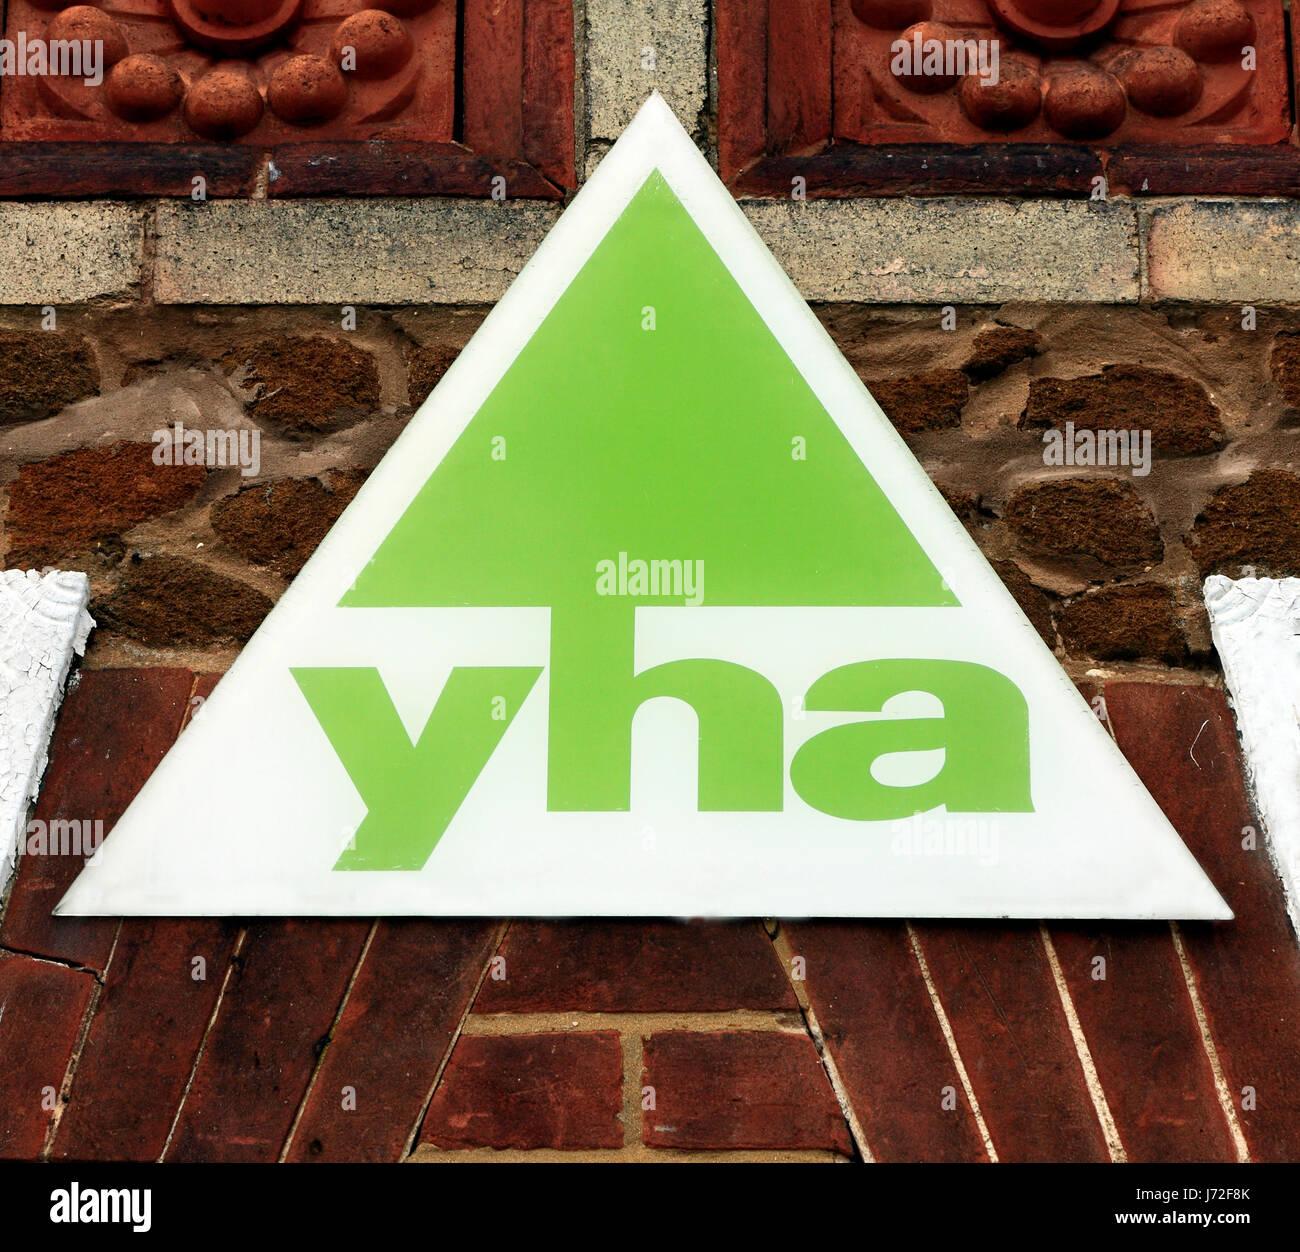 YHA, yha, sign, logo, Youth Hostel Association, England, UK - Stock Image